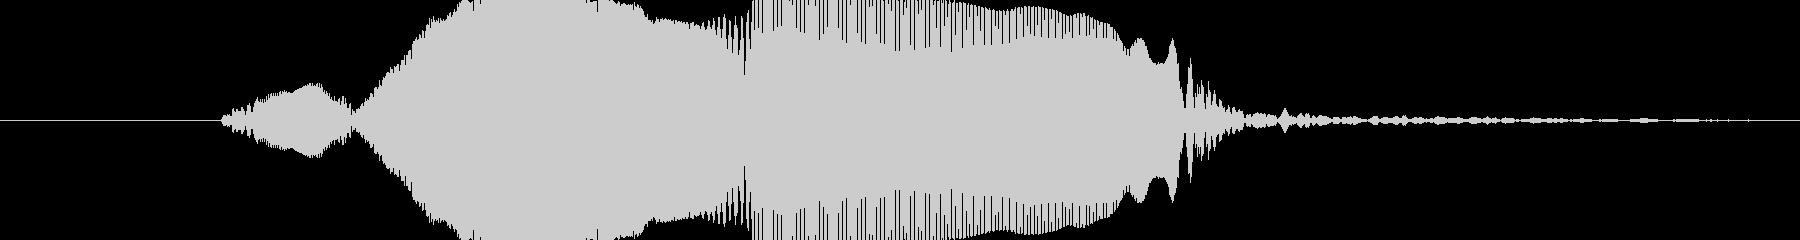 鳥 イーグルコール02の未再生の波形